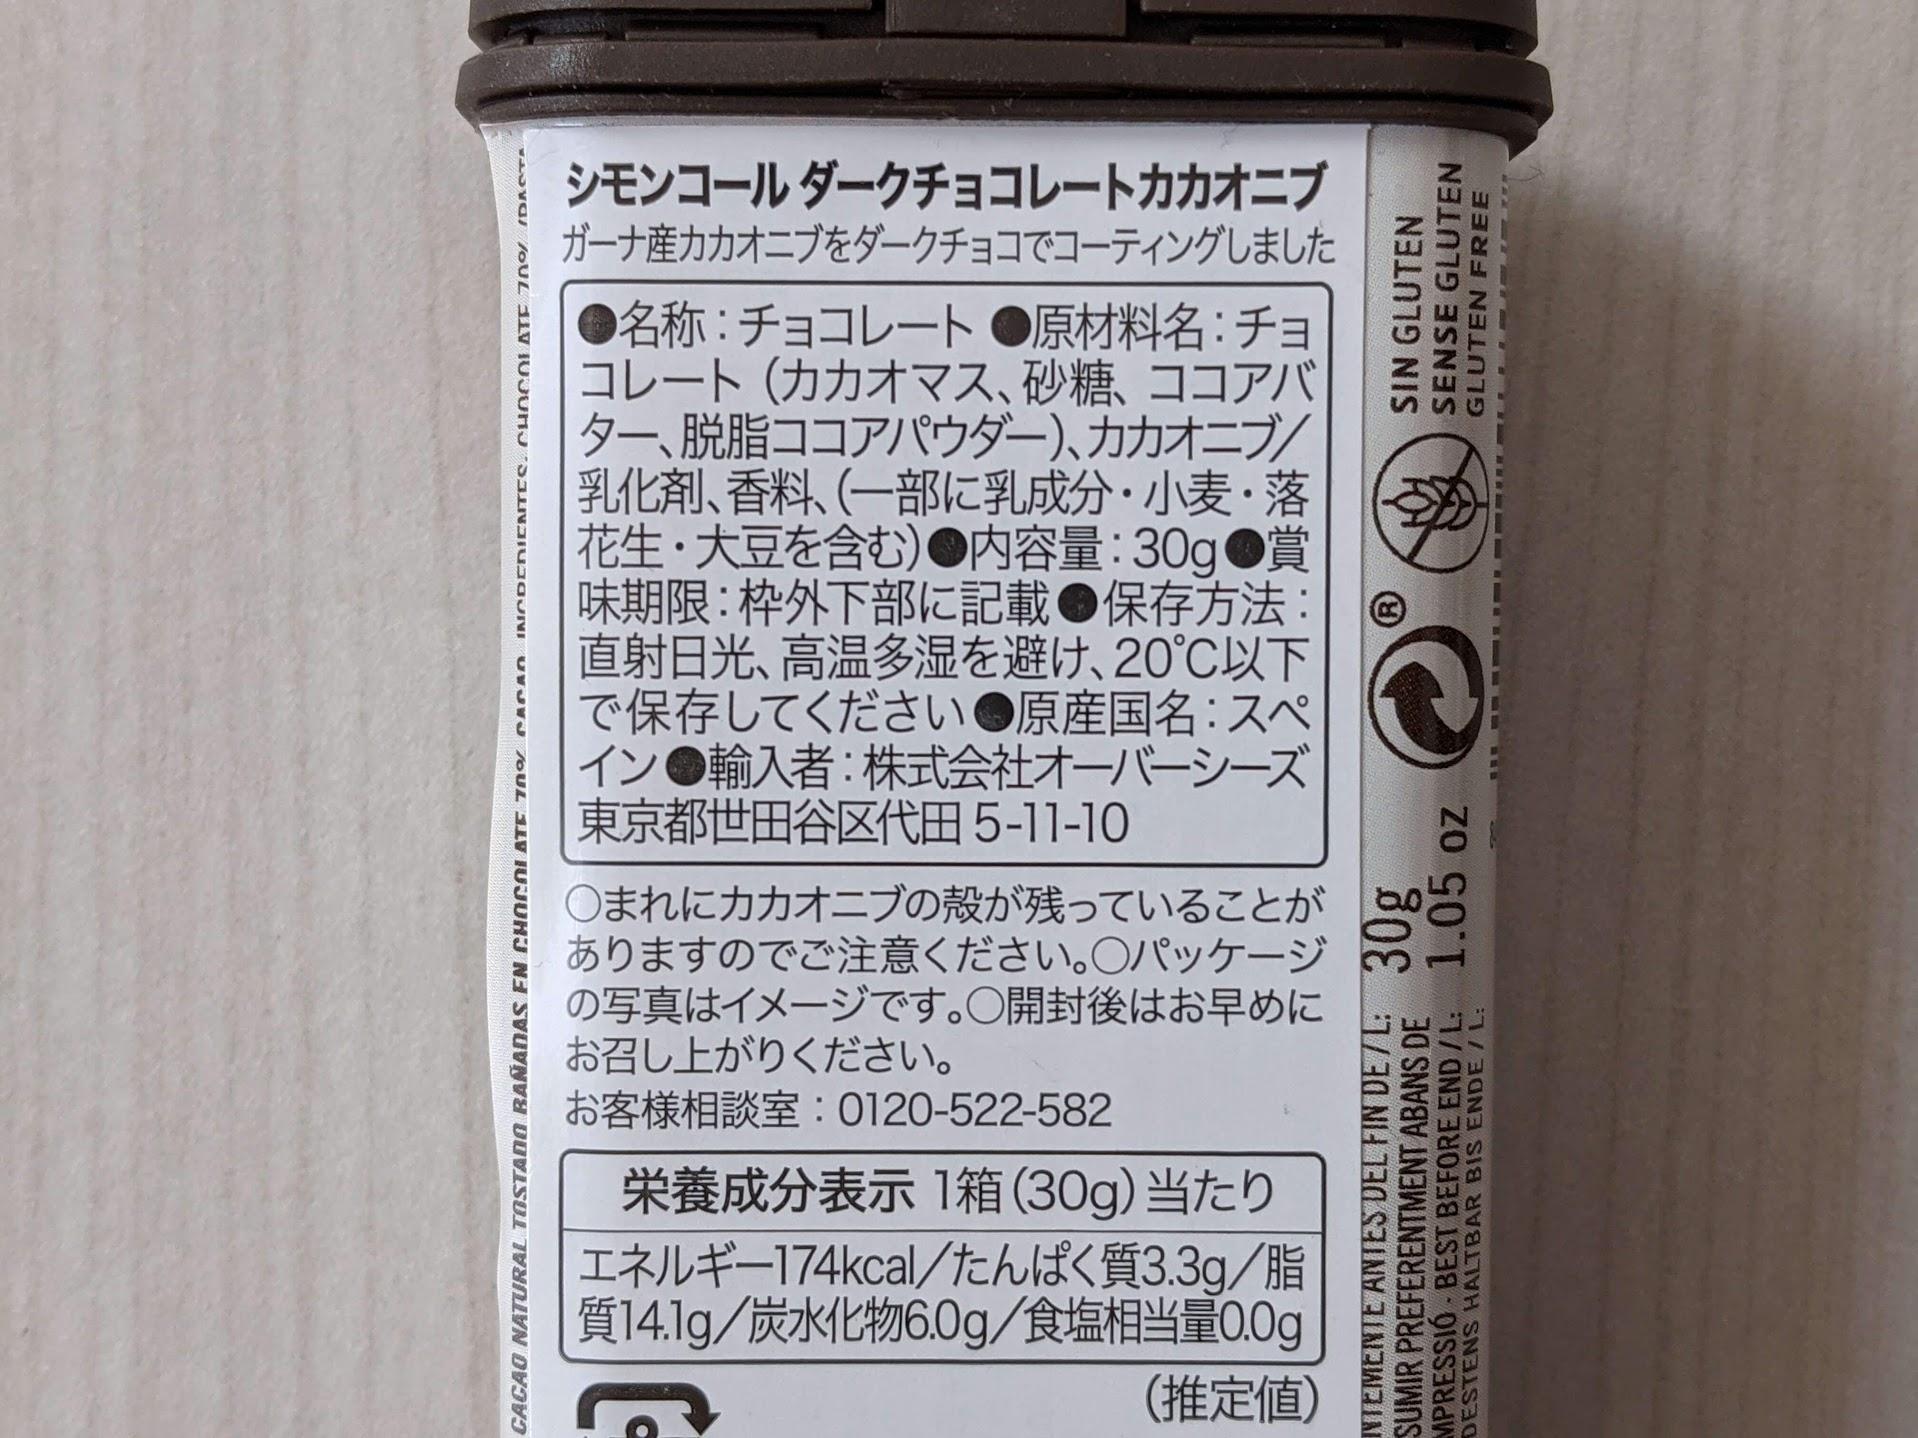 シモンコール ダークチョコレートカカオニブ 栄養成分表示